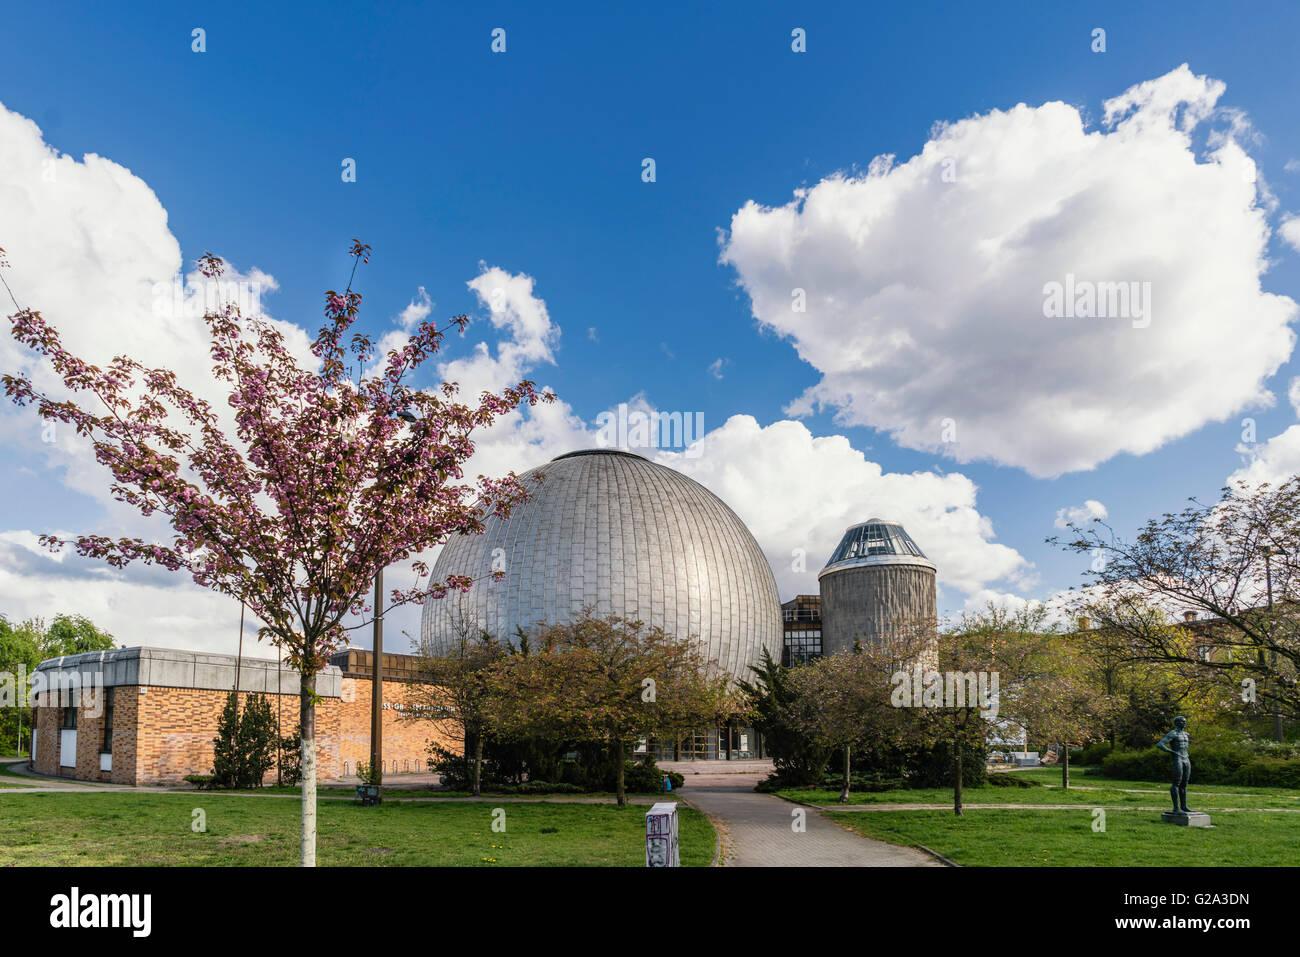 Zeiss-Planetarium, Prenzlauer Berg district, Berlin, Germany, Europe - Stock Image